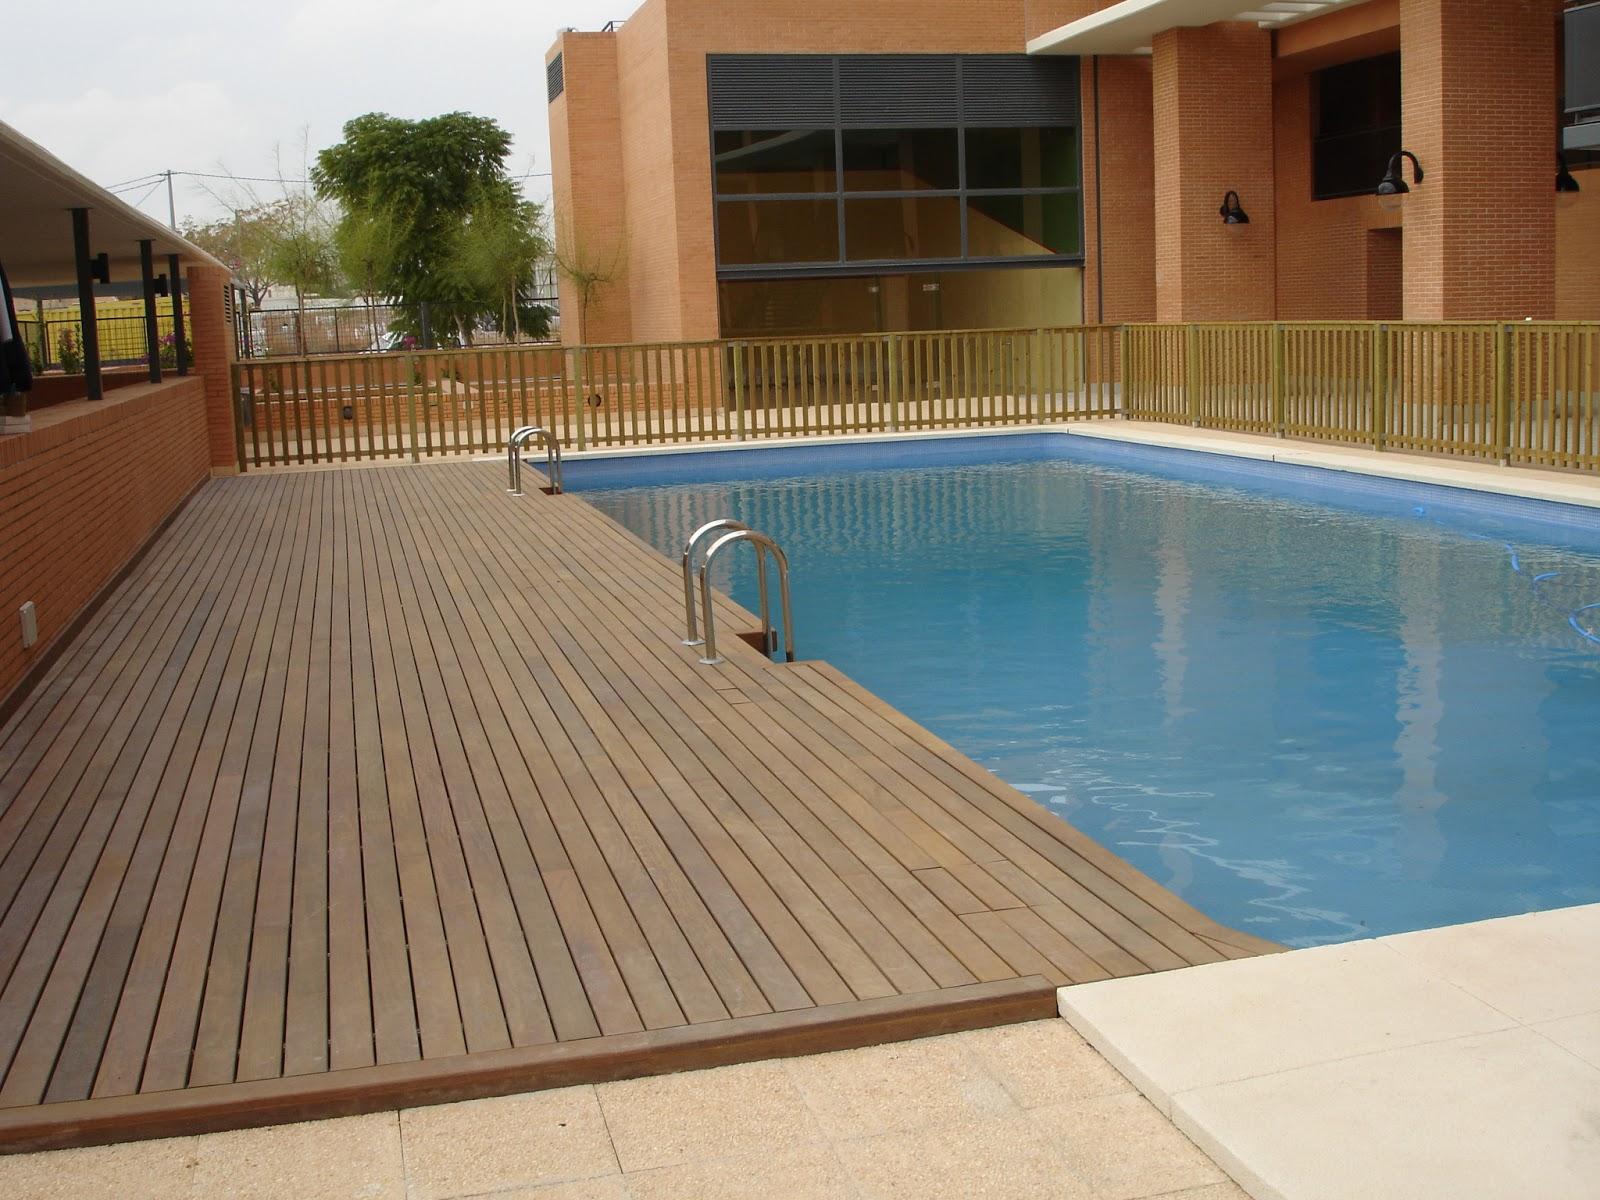 Indagua sauco coronaci n piscina - Coronacion de piscinas precios ...